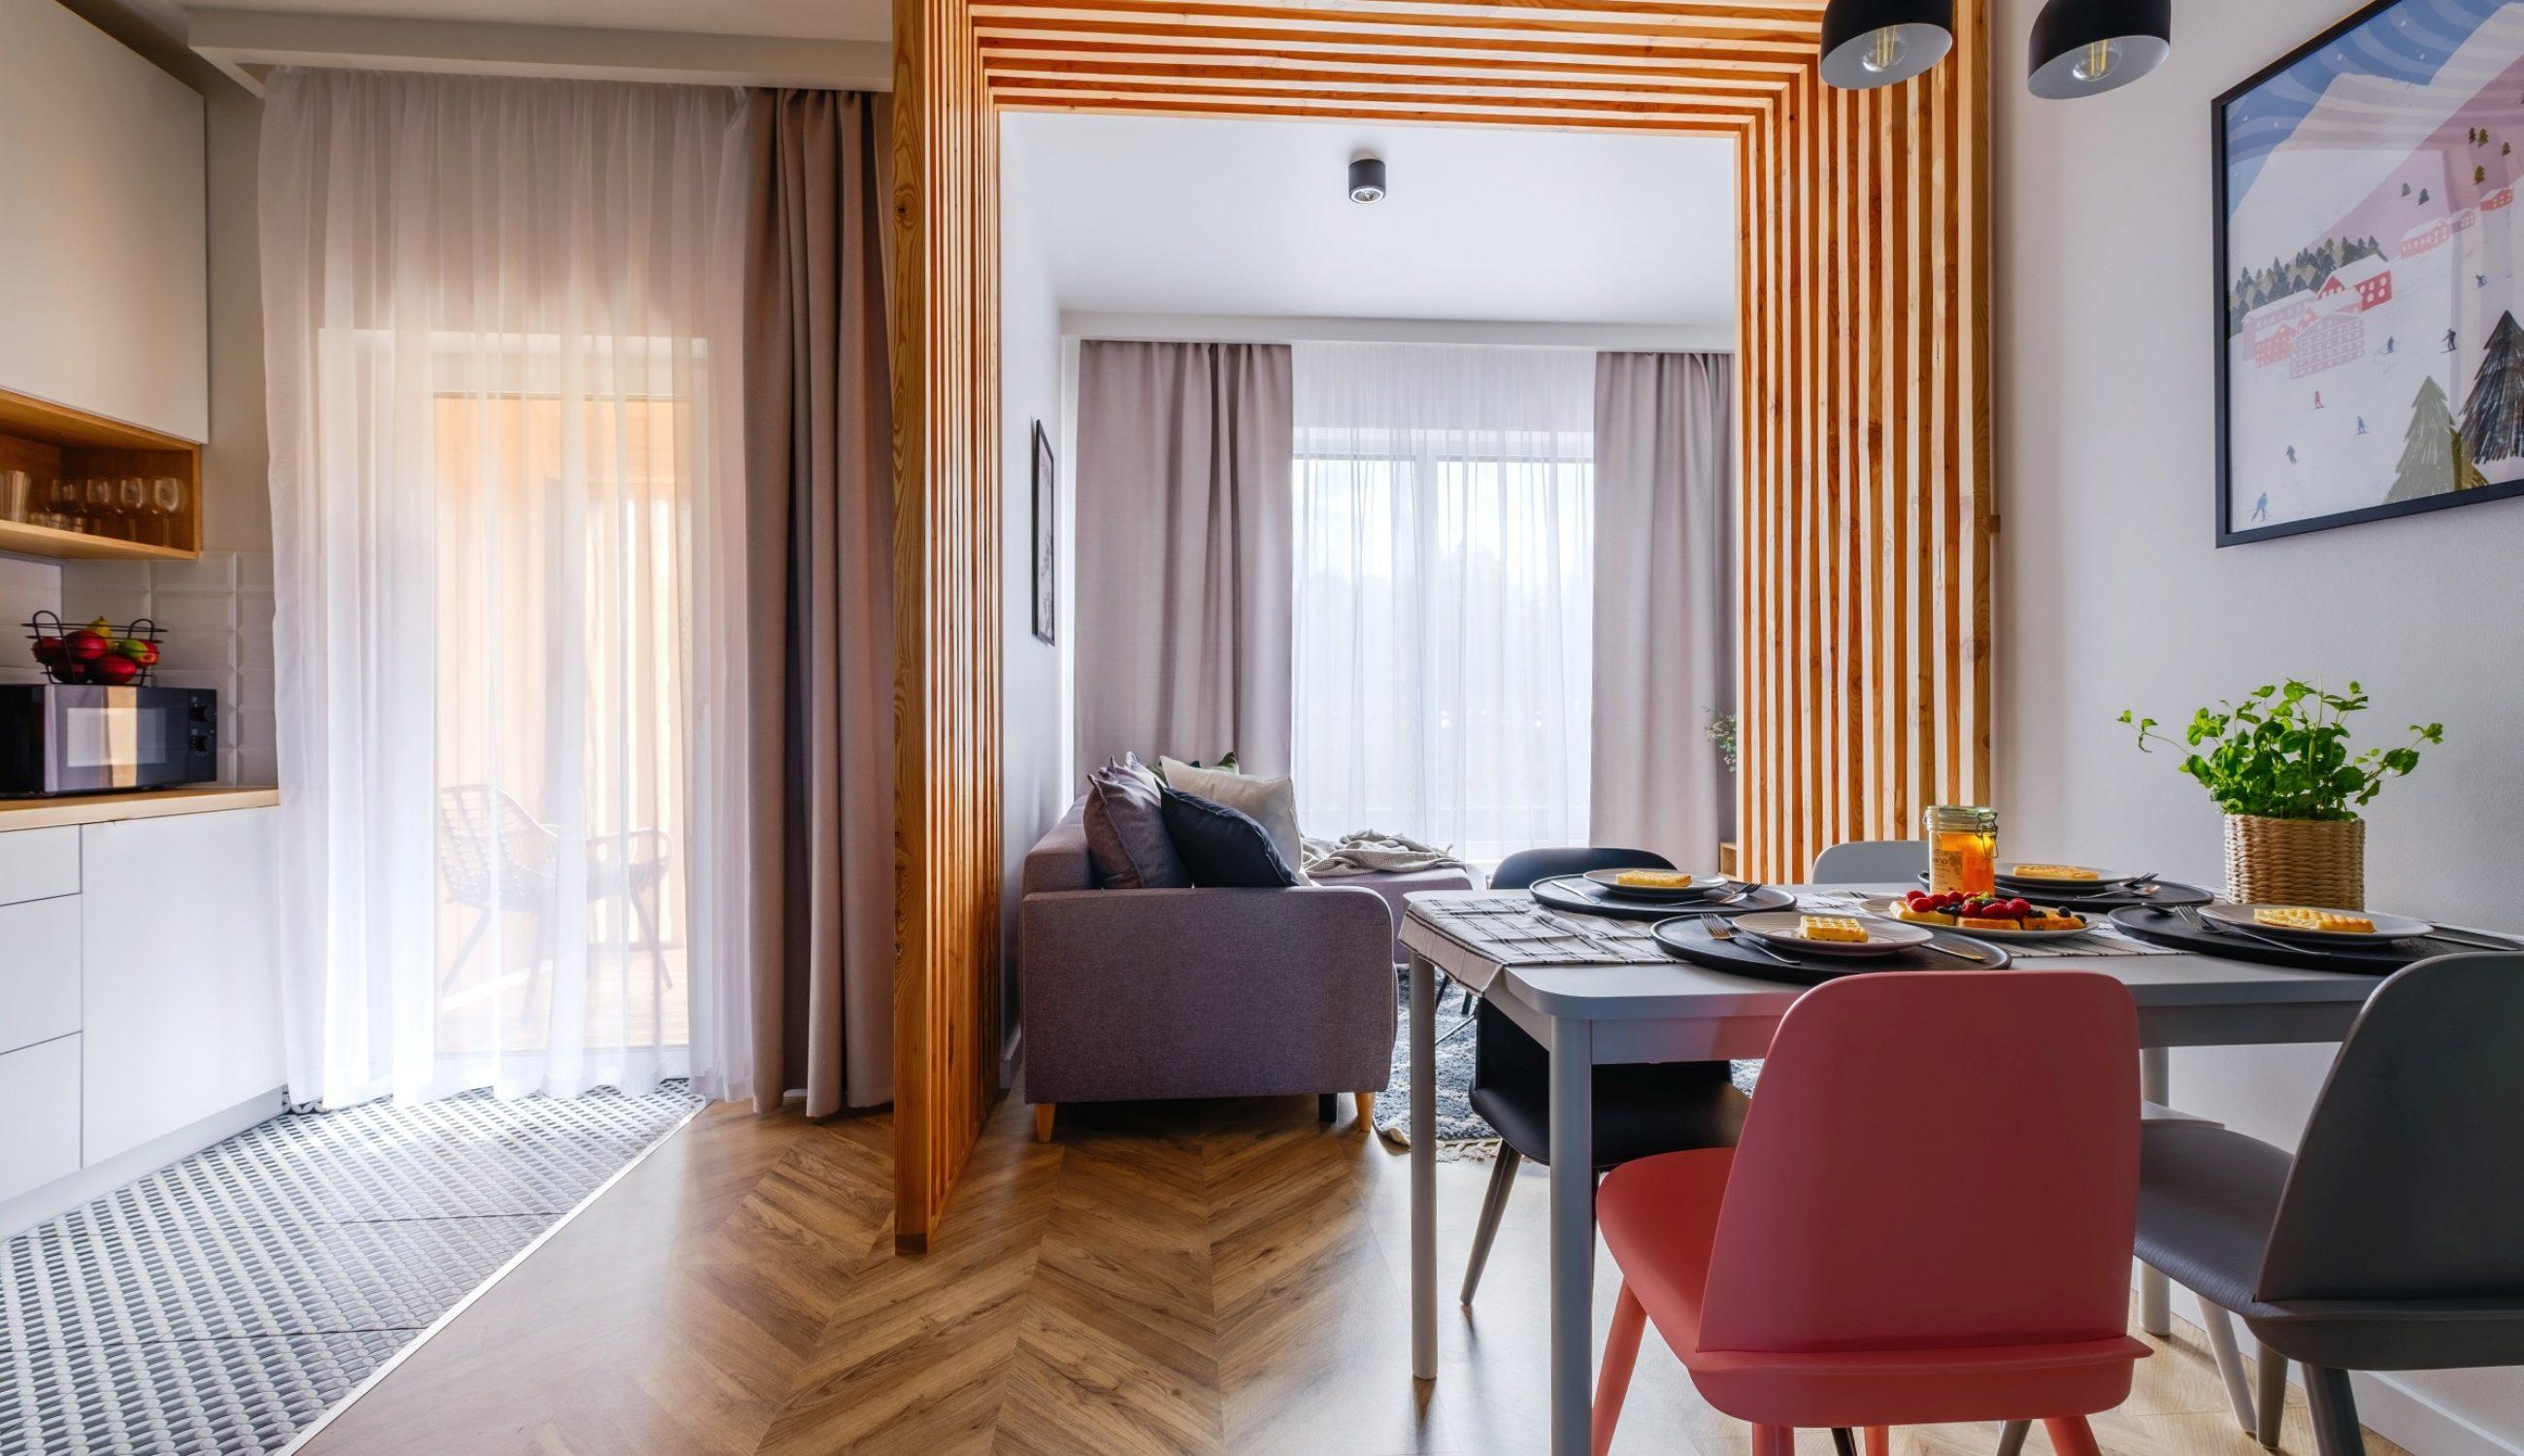 Apartamenty NOVA BIAŁKA Białka Tatrzańska apartament 5 salon i kuchnia